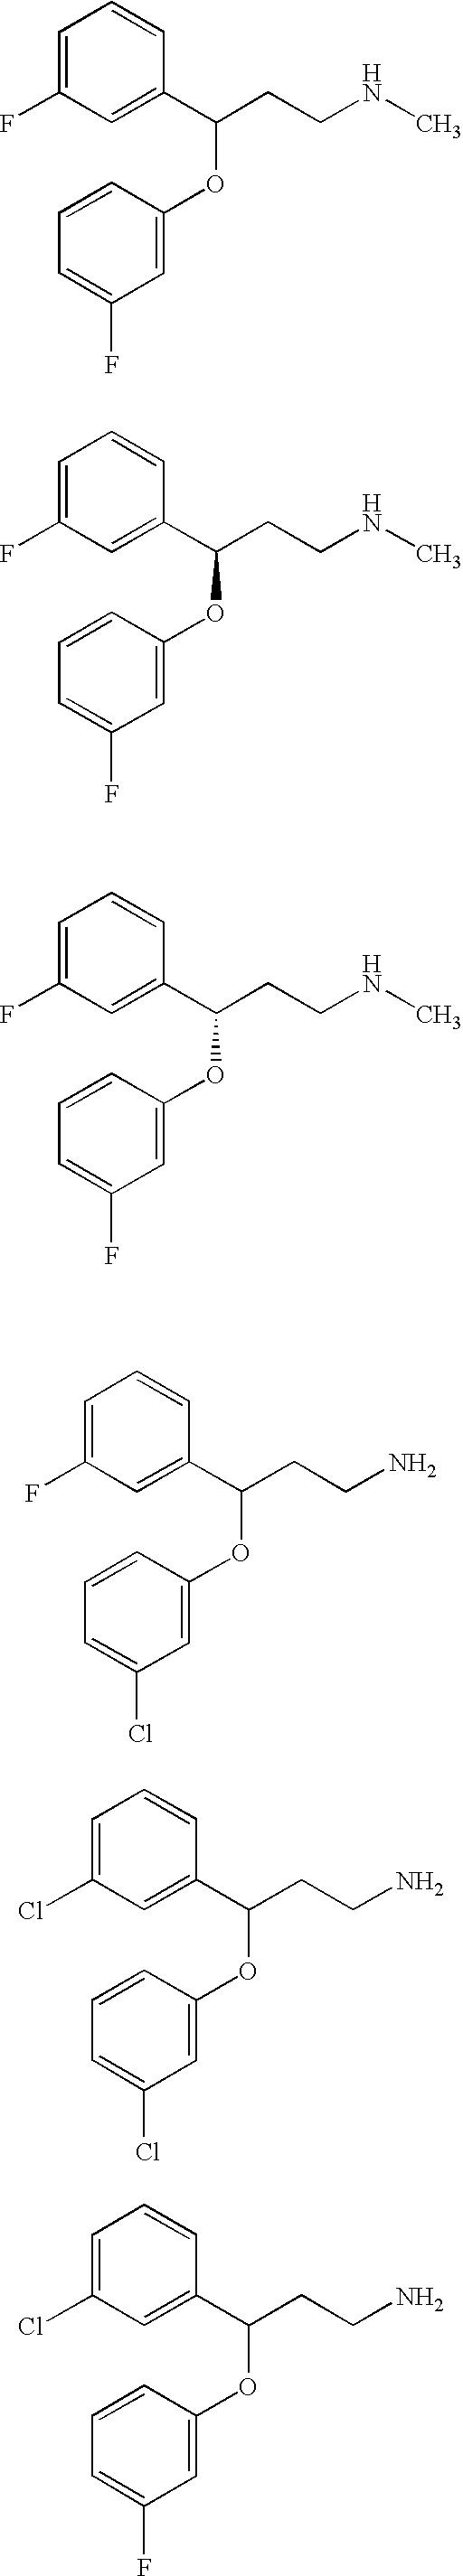 Figure US20050282859A1-20051222-C00036